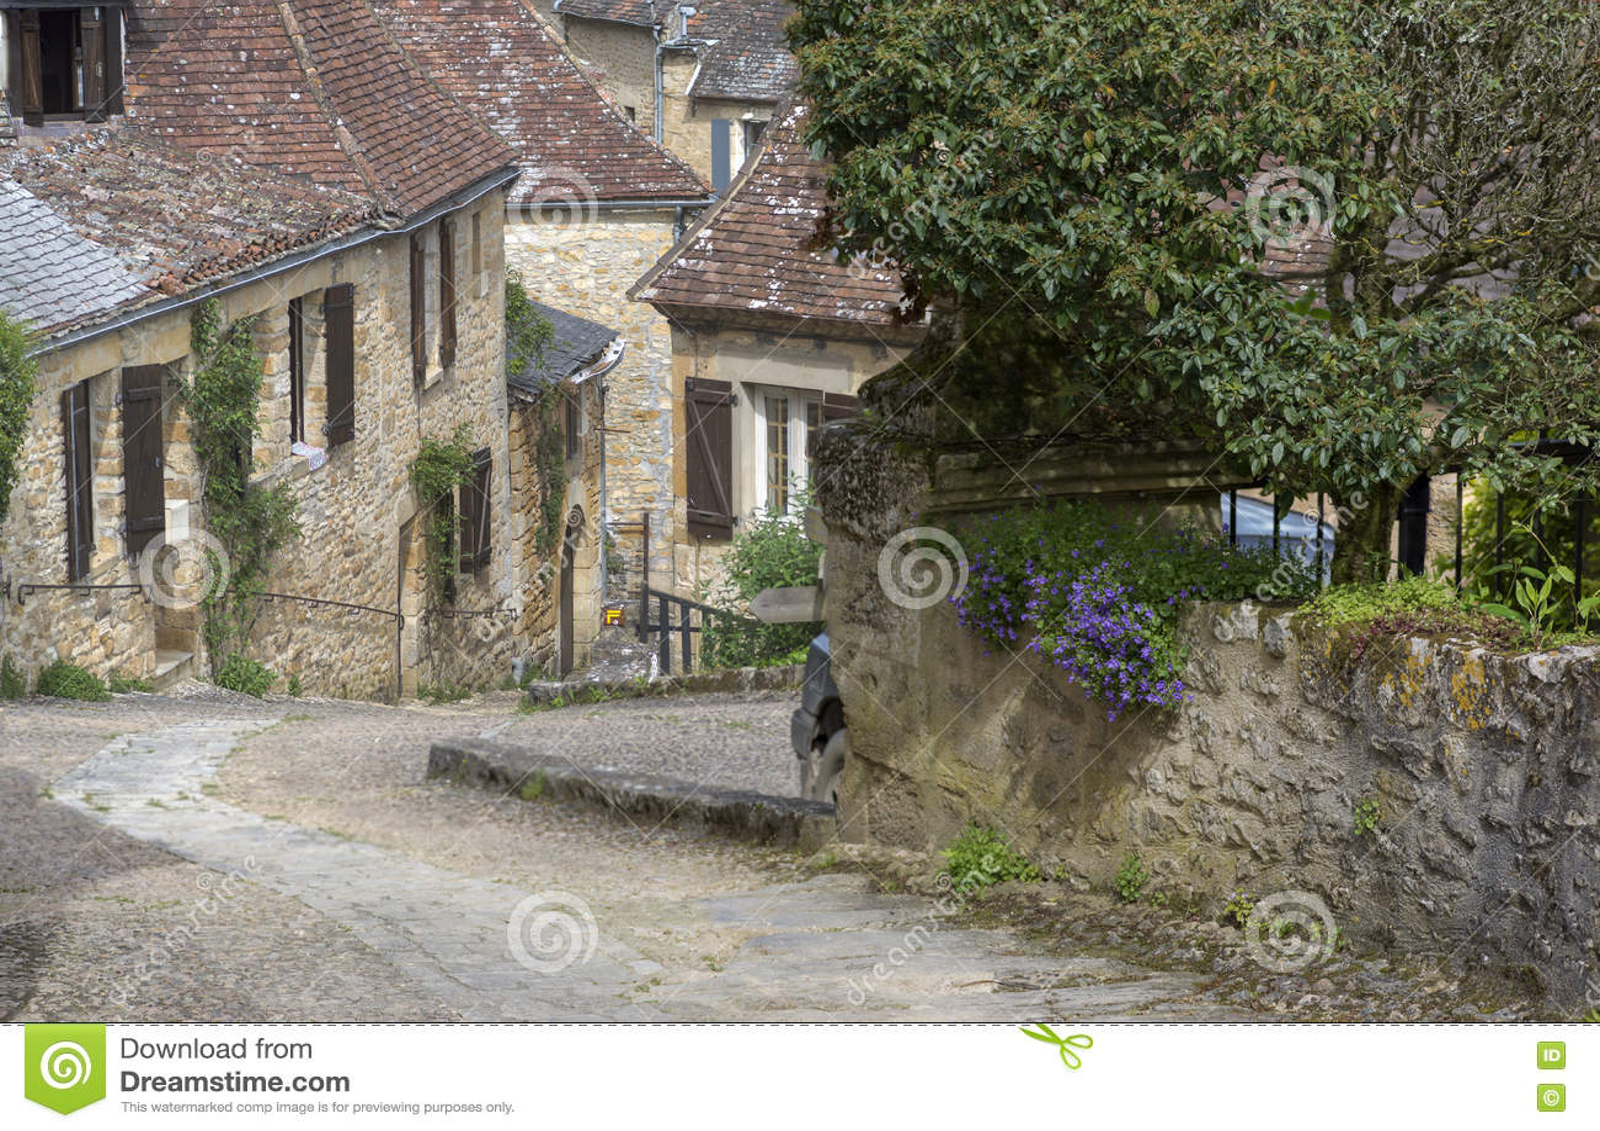 法国美丽如画的村庄